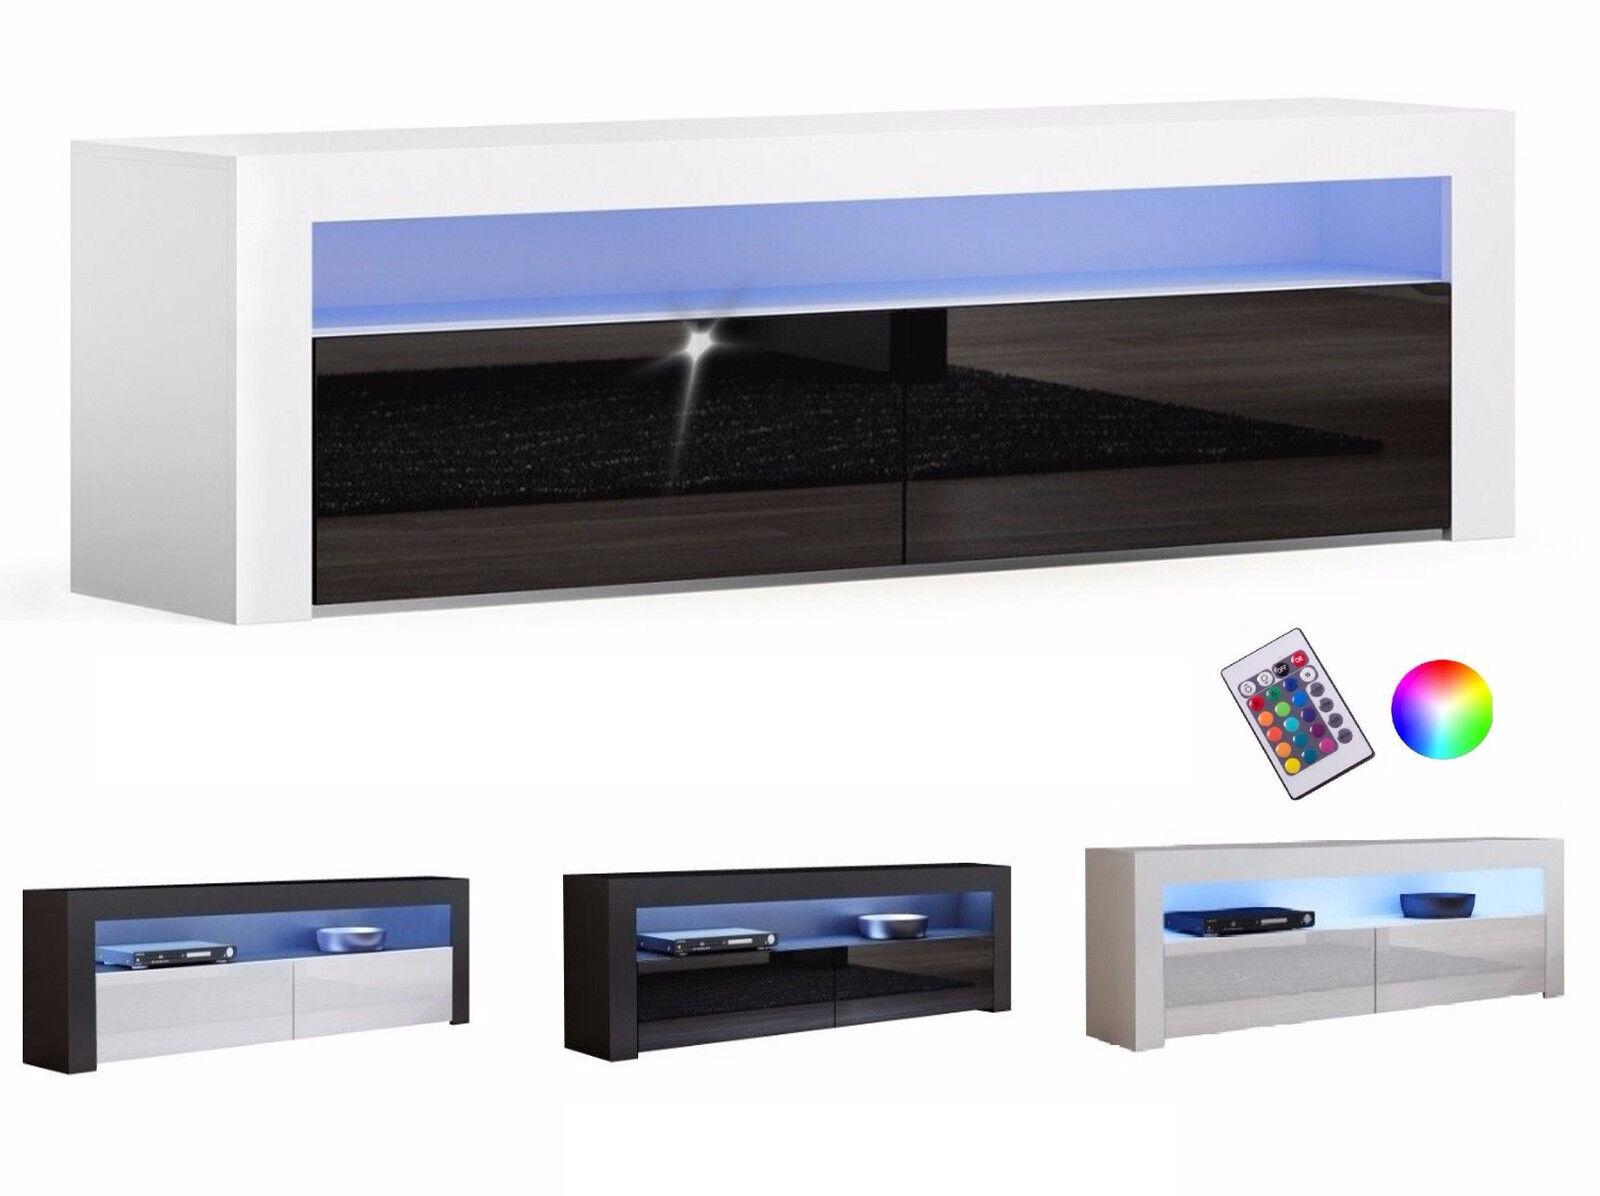 TV LOWBOARD SCHRANK TISCH BOARD HOCHGLANZ MODERN 157cm  mit RGB LED-Beleuchtung